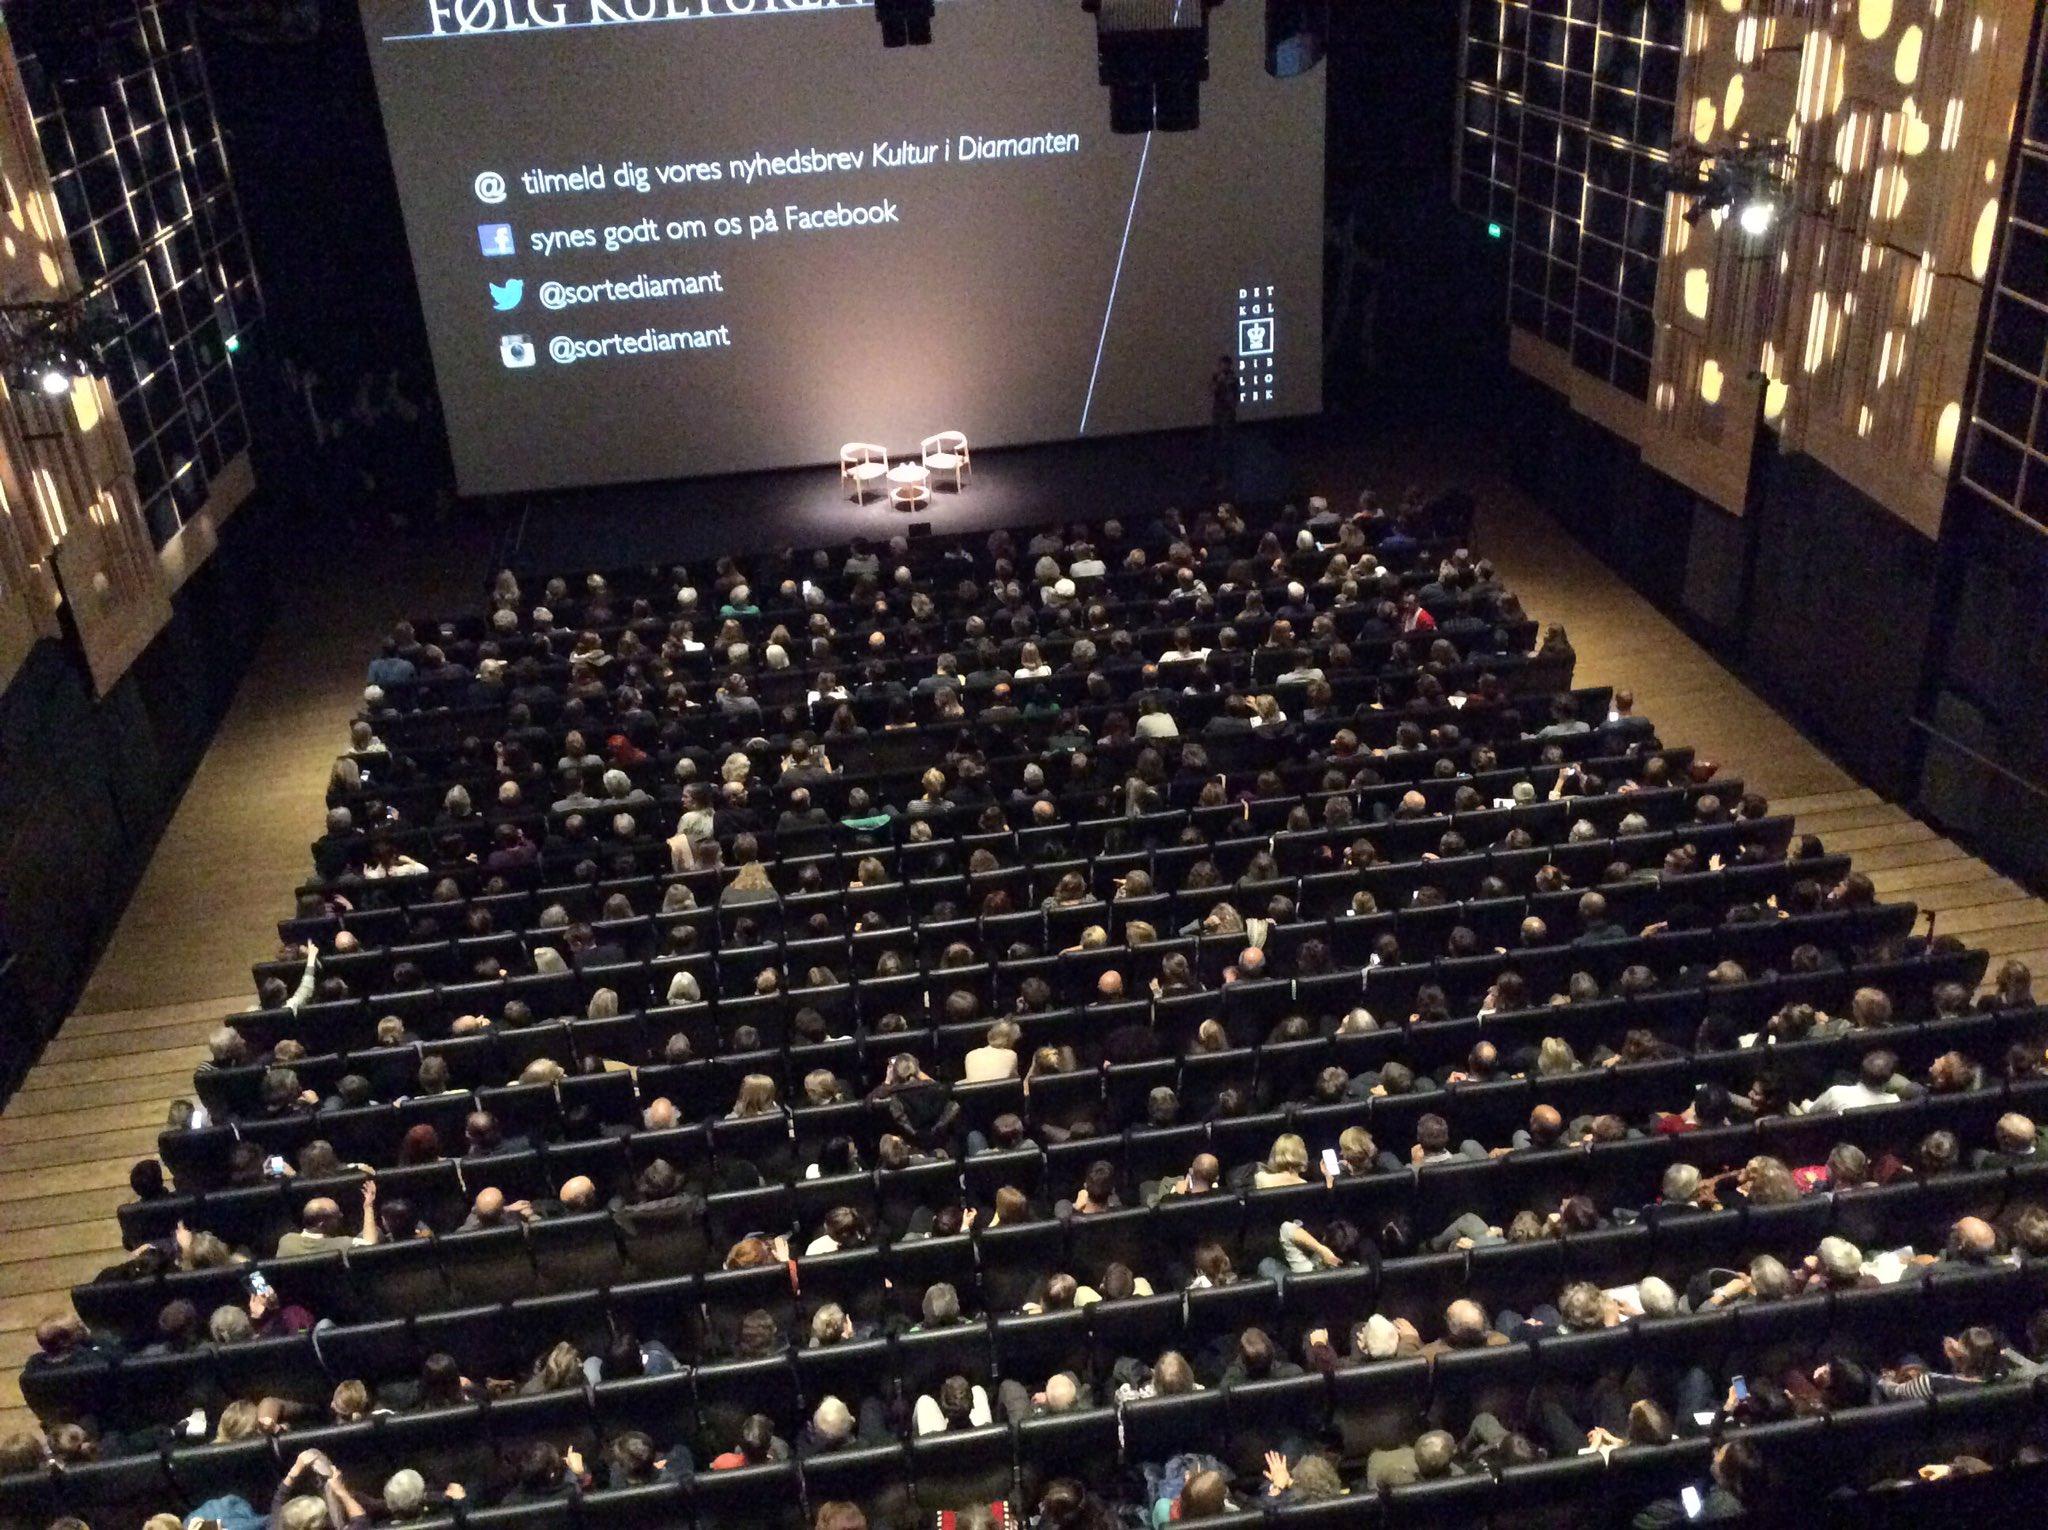 600 forventningsfulde hoveder er næsten klar til Haruki Murakami og Mette Holm i Den Sorte Diamant #MurakamiDK #DKkultur #dklitt https://t.co/UXkX2f2XEp